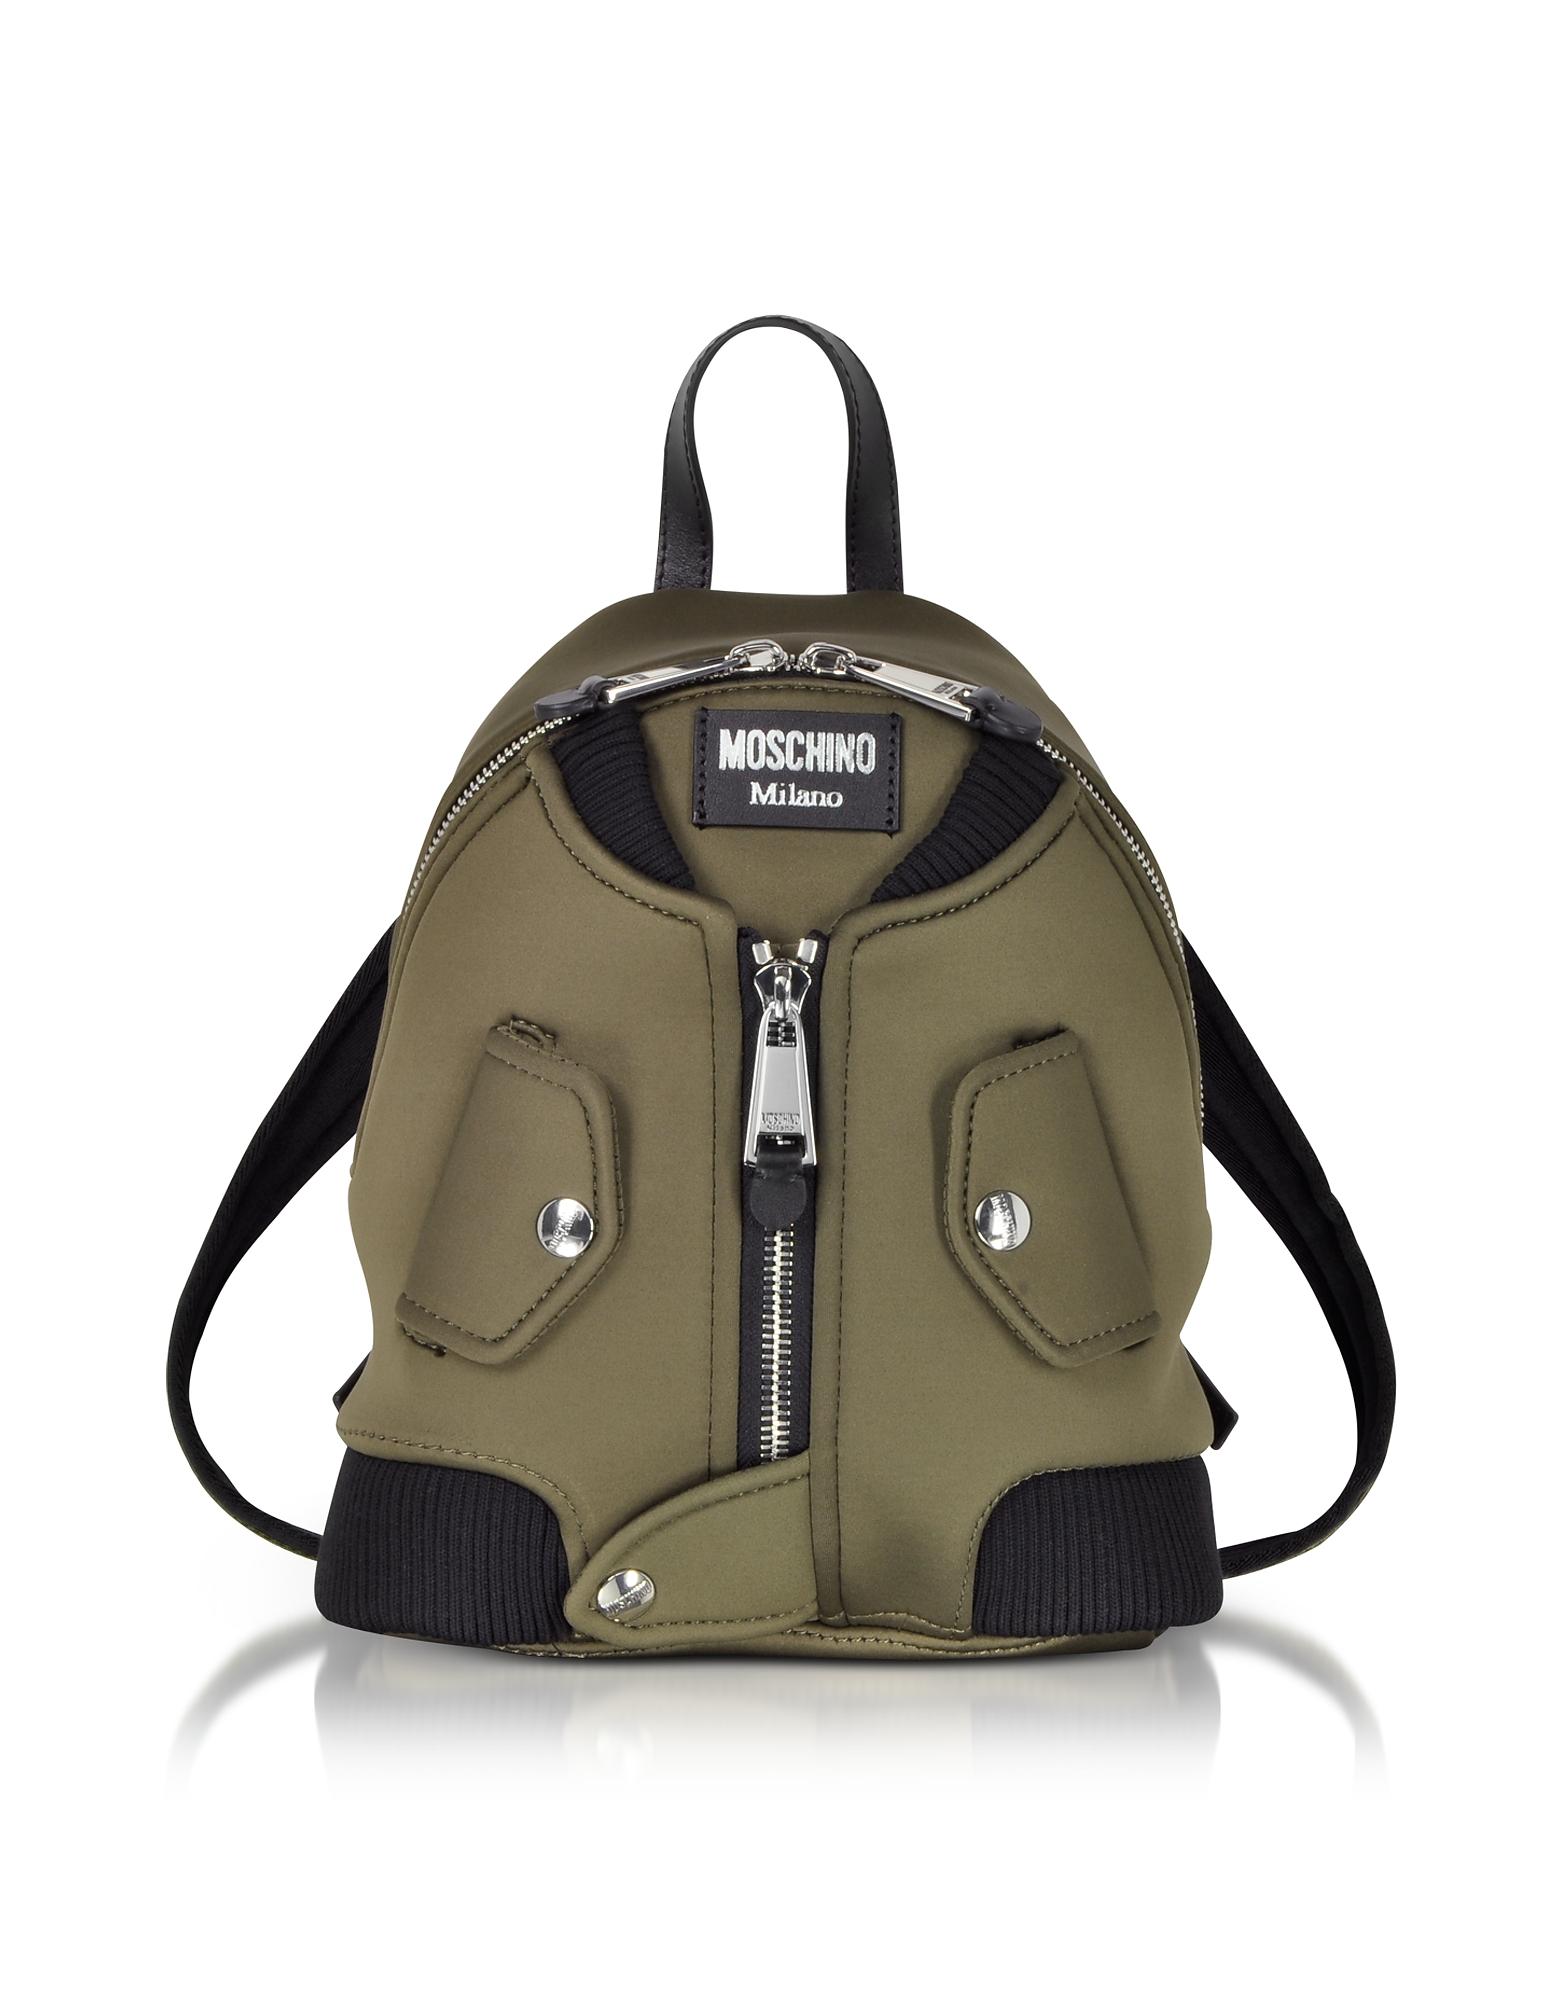 Moschino Handbags, Military Green Nylon Bomber Jacket Backpack